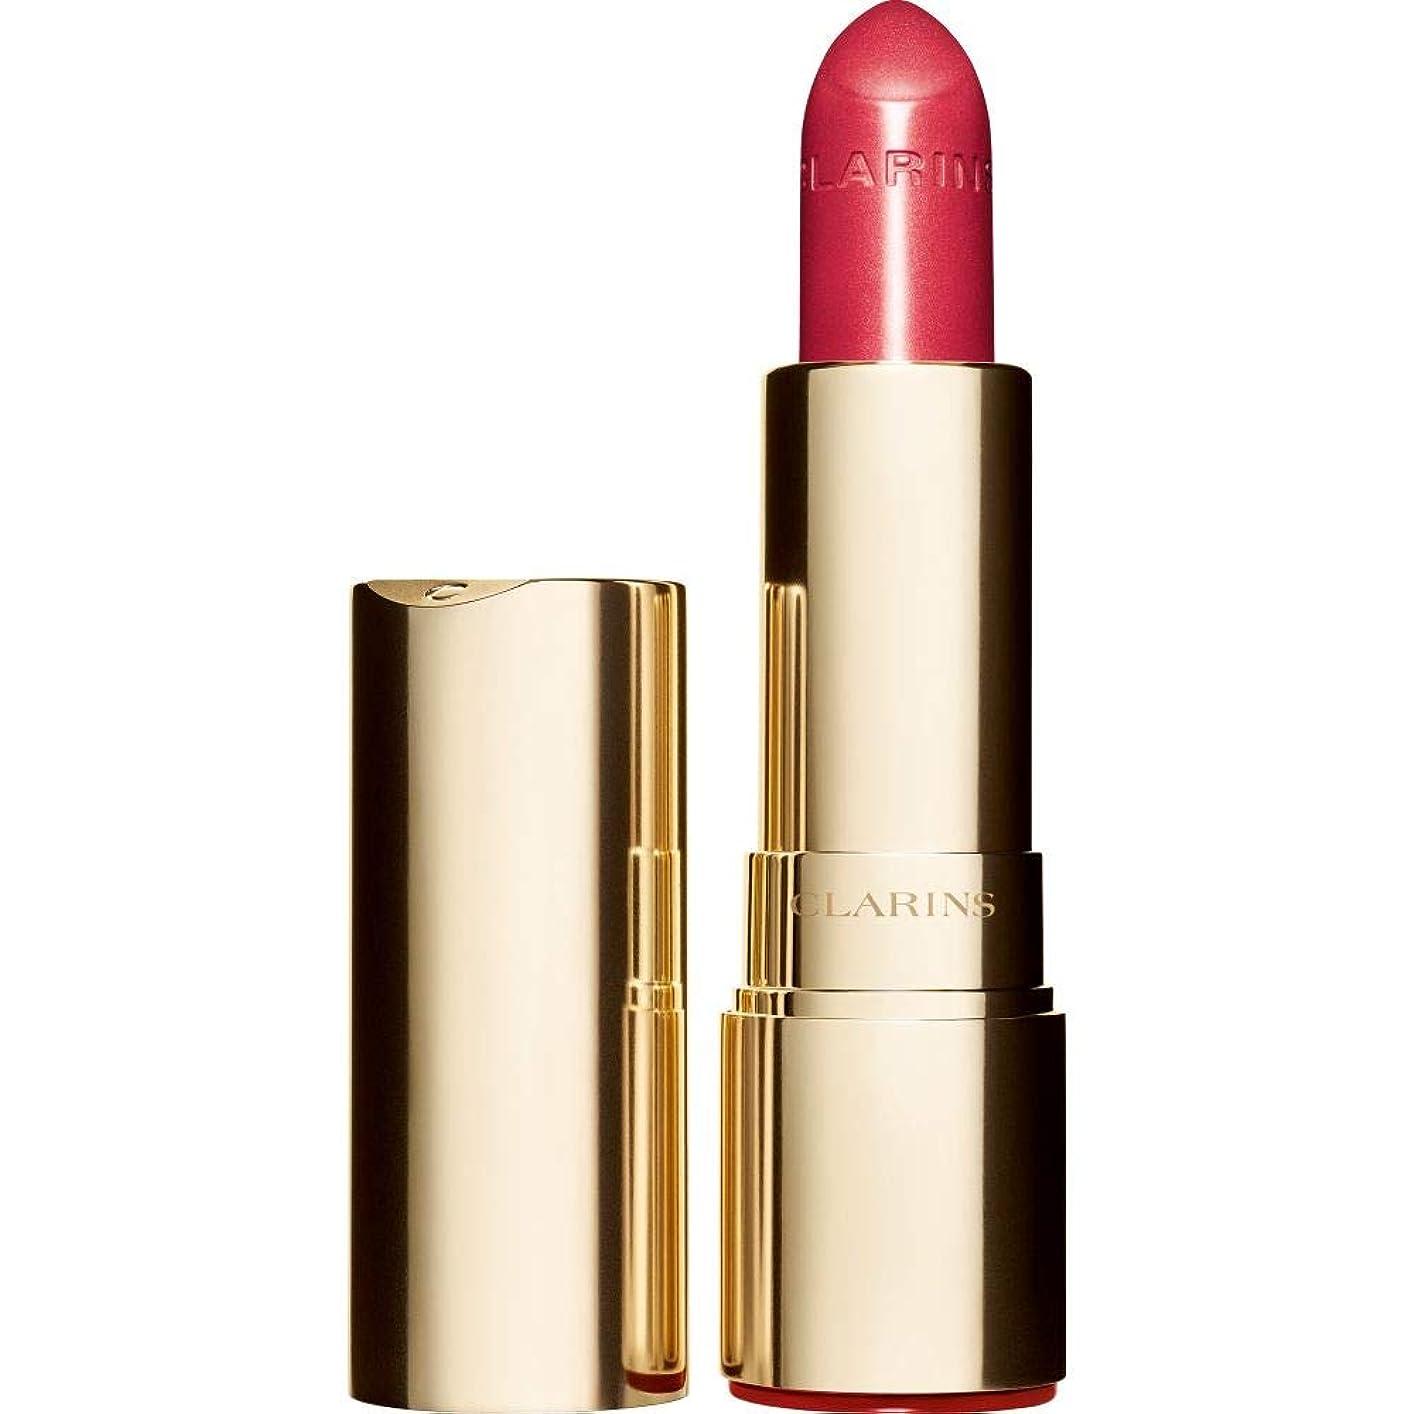 記念碑付属品幸運なことに[Clarins ] クラランスジョリルージュブリリアント口紅3.5グラムの756S - グアバ - Clarins Joli Rouge Brillant Lipstick 3.5g 756S - Guava [並行輸入品]